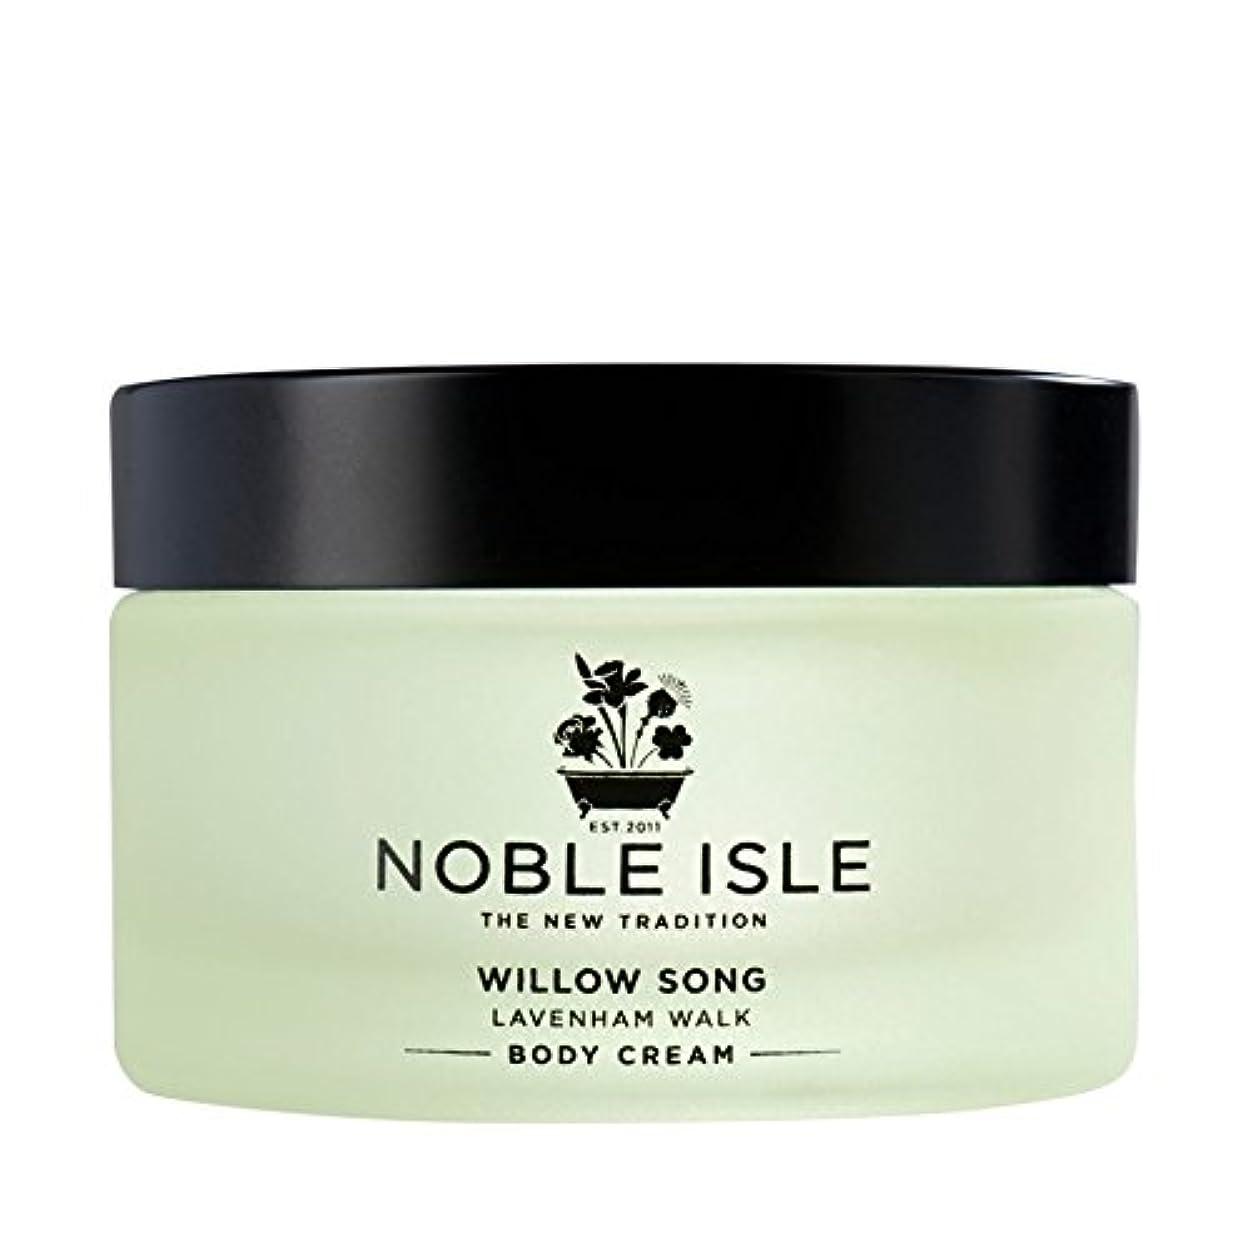 シャトルコーンウォールベジタリアン高貴な島柳の歌ラヴァンハム徒歩ボディクリーム170ミリリットル x2 - Noble Isle Willow Song Lavenham Walk Body Cream 170ml (Pack of 2) [並行輸入品]